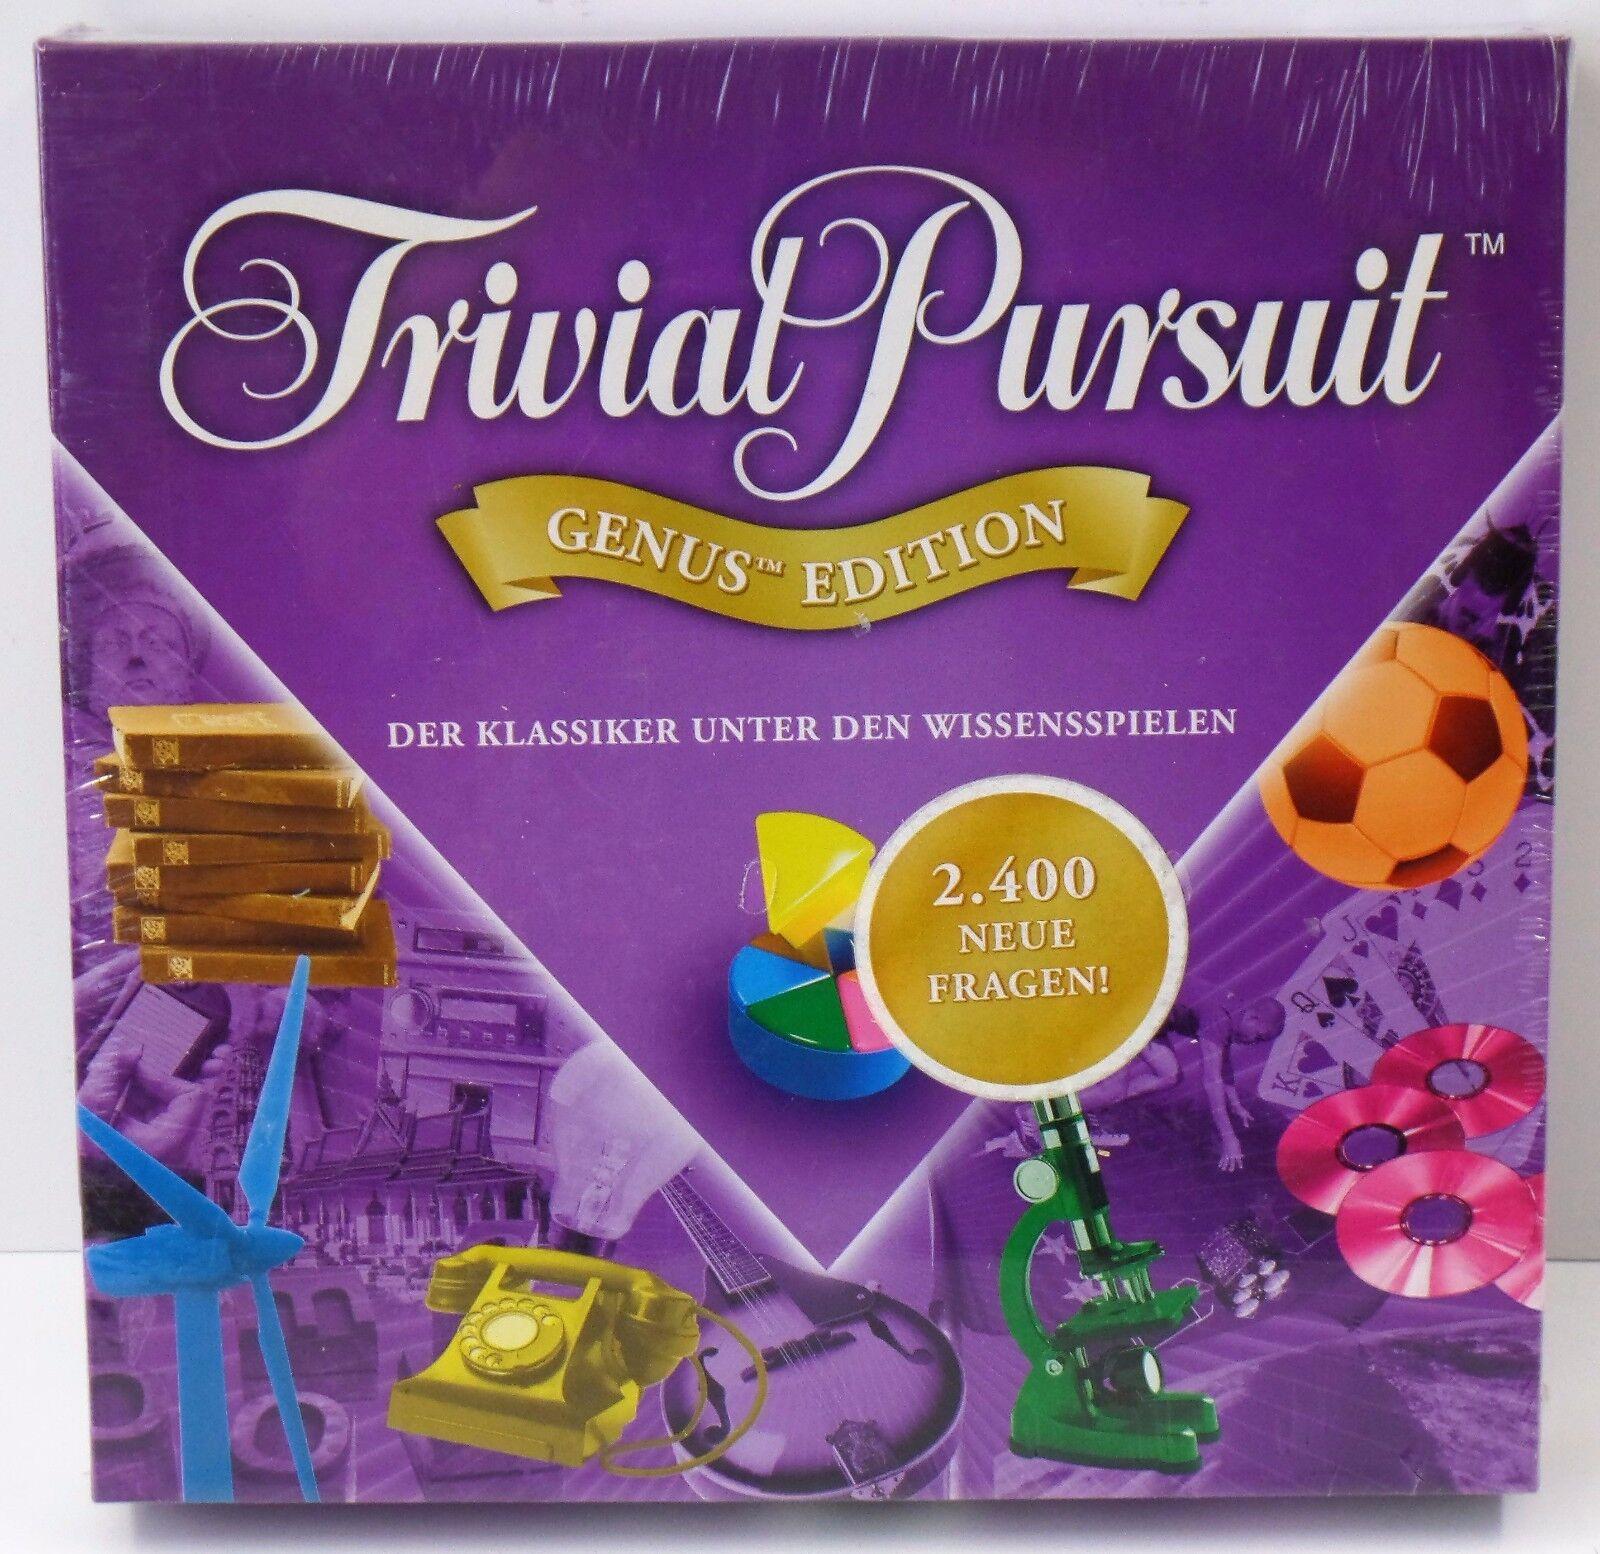 Carnaval Noël, et et Noël, je suis charFemmet! PARKER TRIVIAL PURSUIT Genus Edition - 2400 nouvelles questions-Neuf New 275448